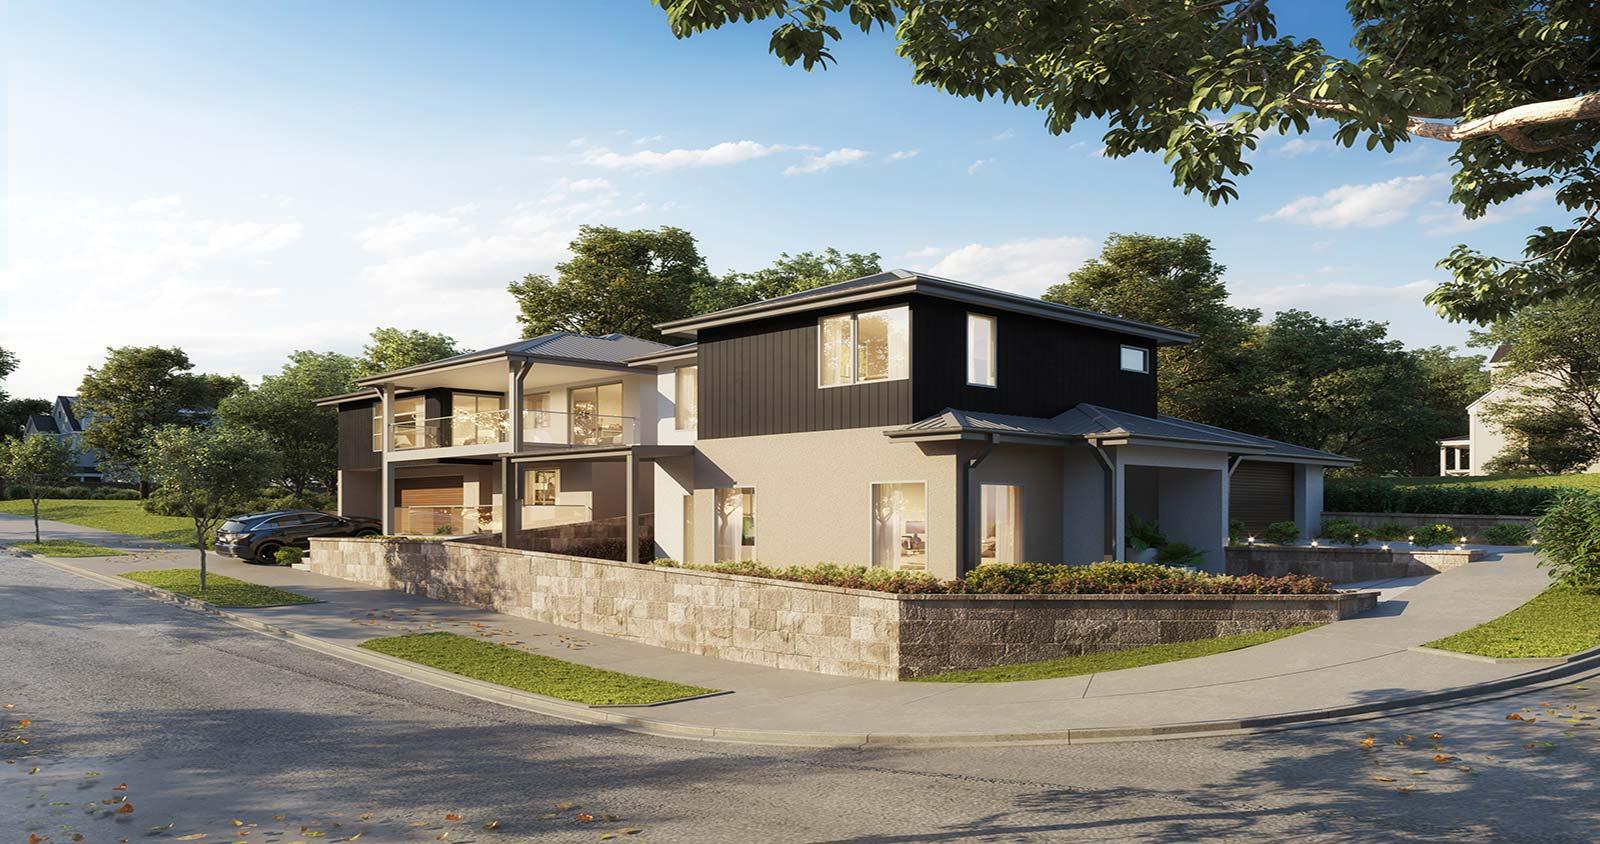 Image-6 building Design v3